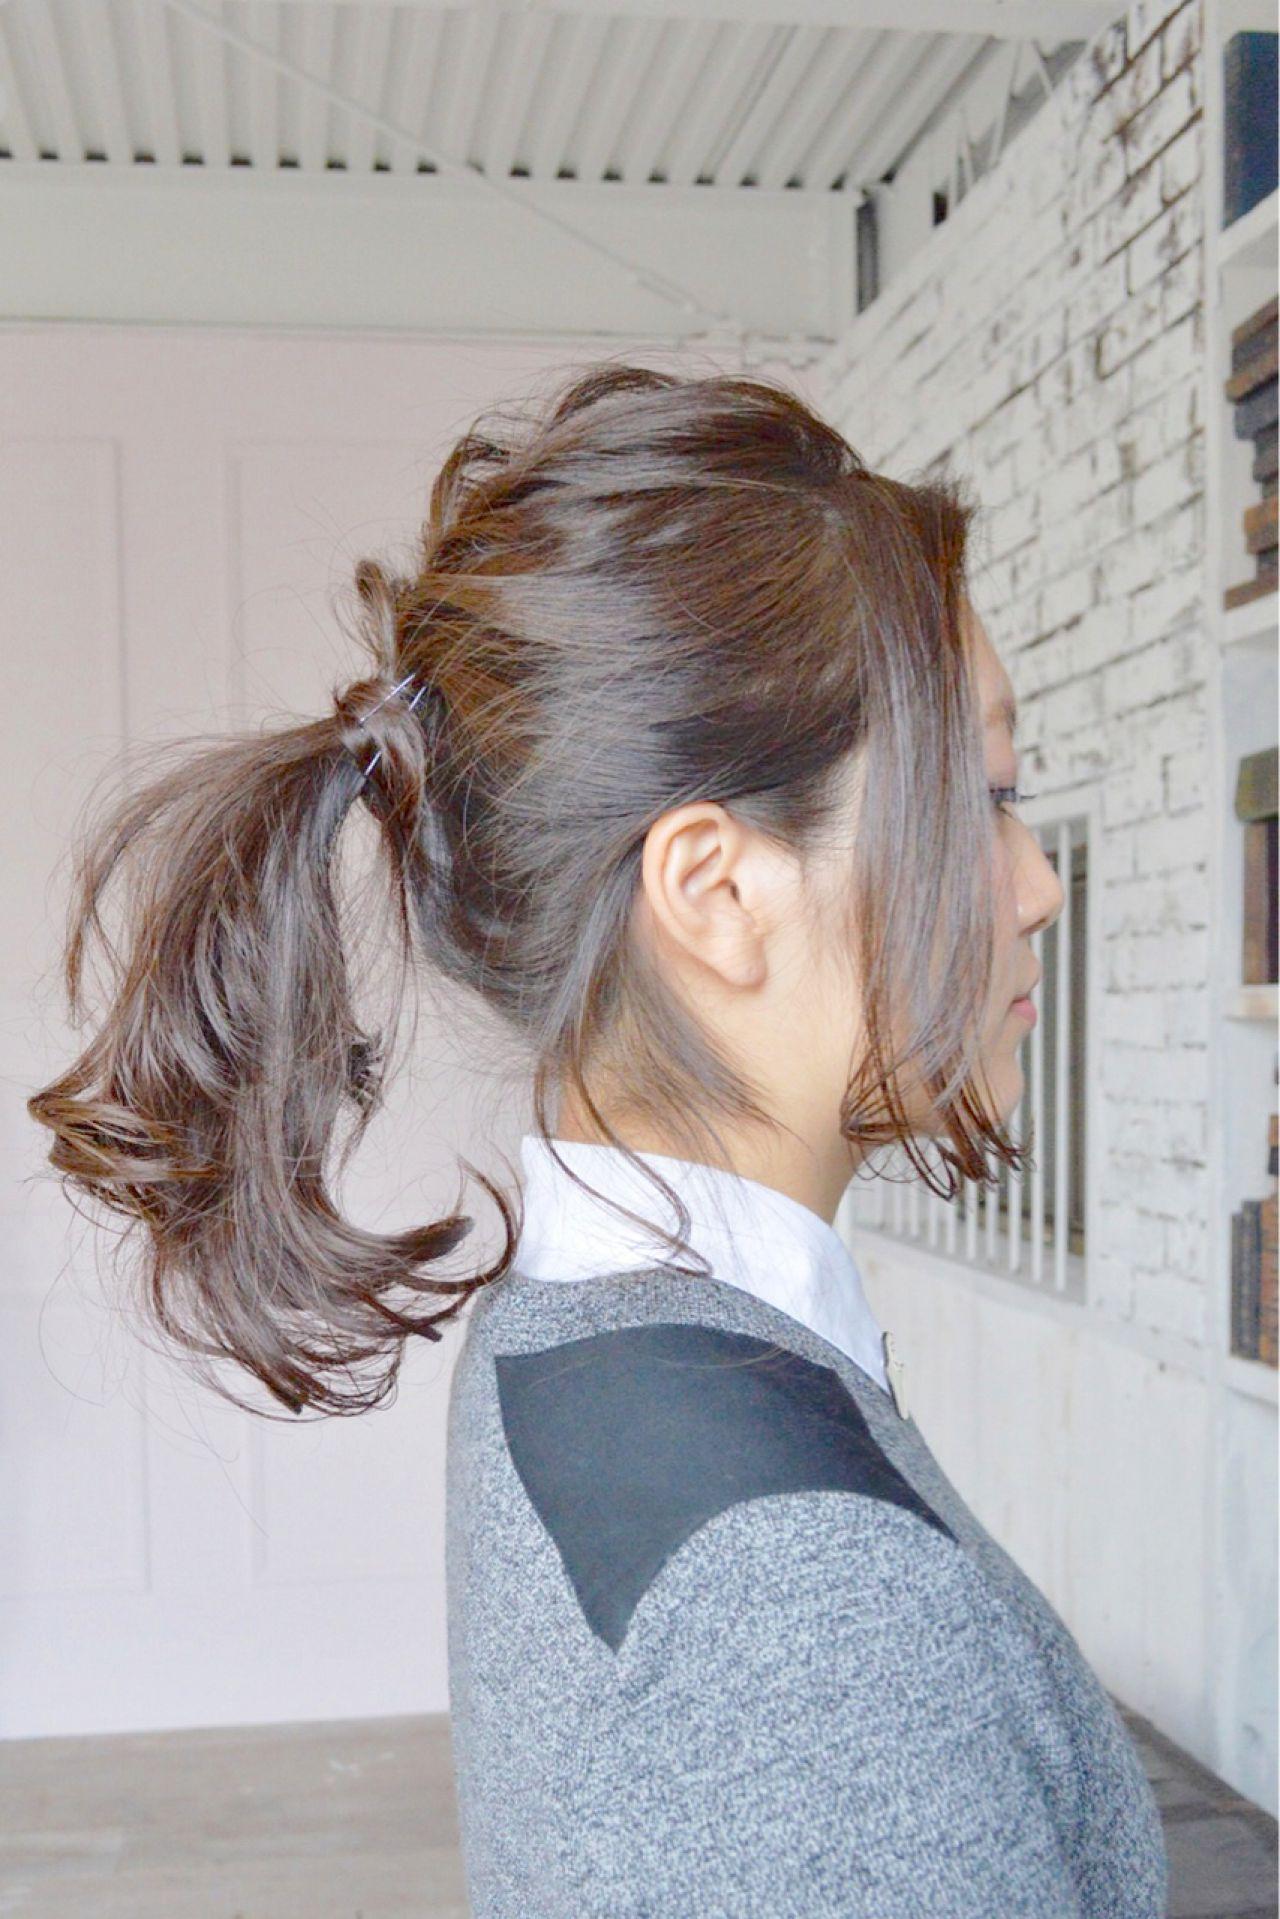 夏が来る前にチェックしよう!水着に合わせやすい髪型10選 加山 暸汰